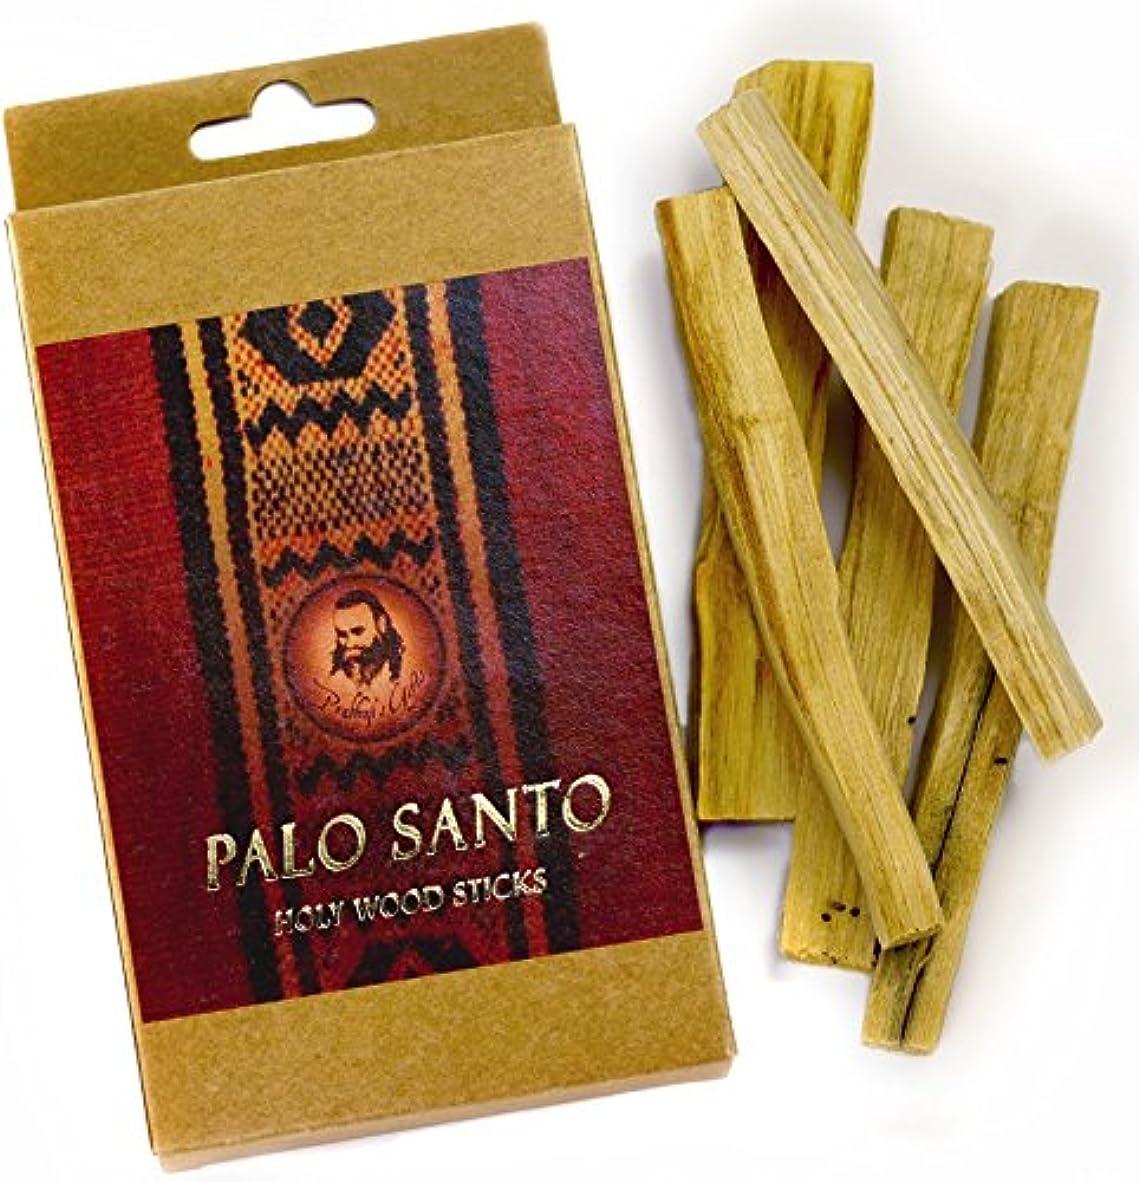 論文経由で誕生Palo Santo Raw Incense木製 – 標準 – 5 Sticks